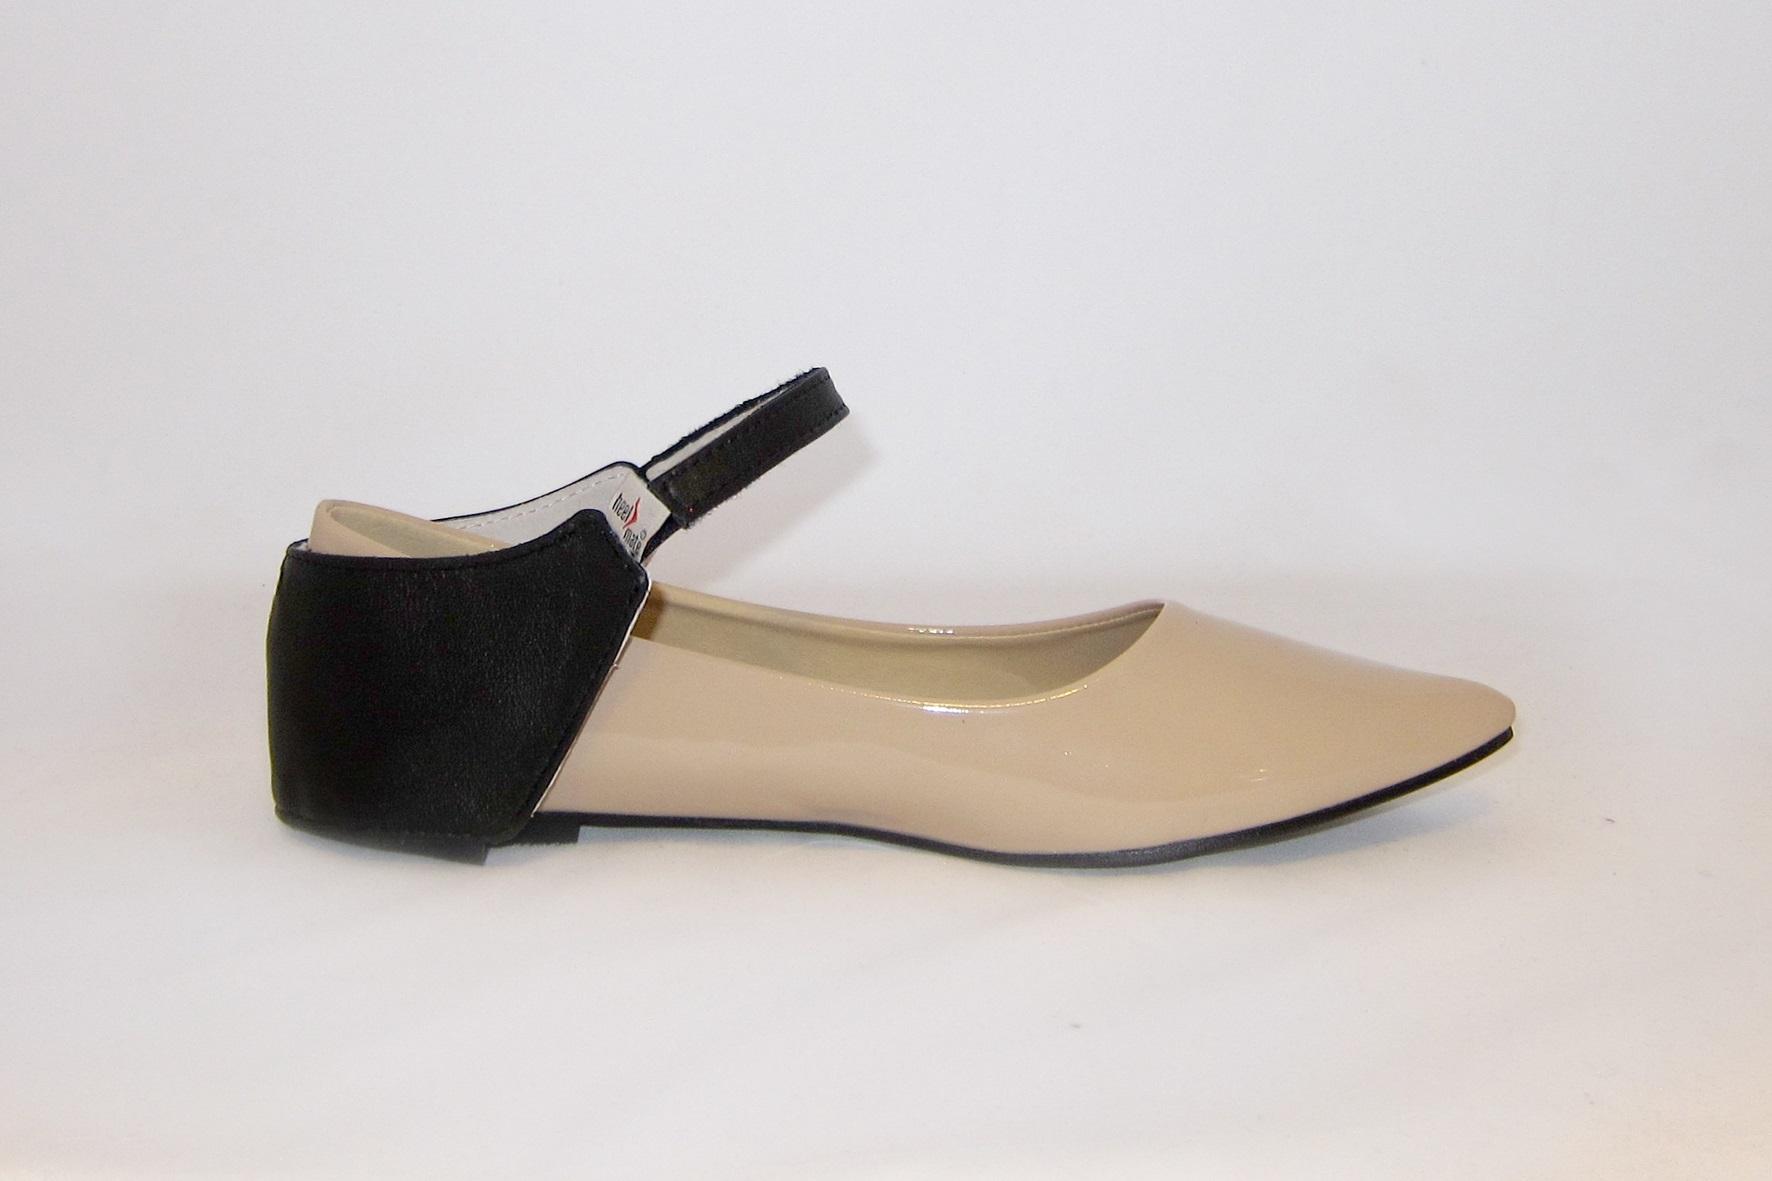 Автопятка из натуральной кожи для женской обуви без каблука.